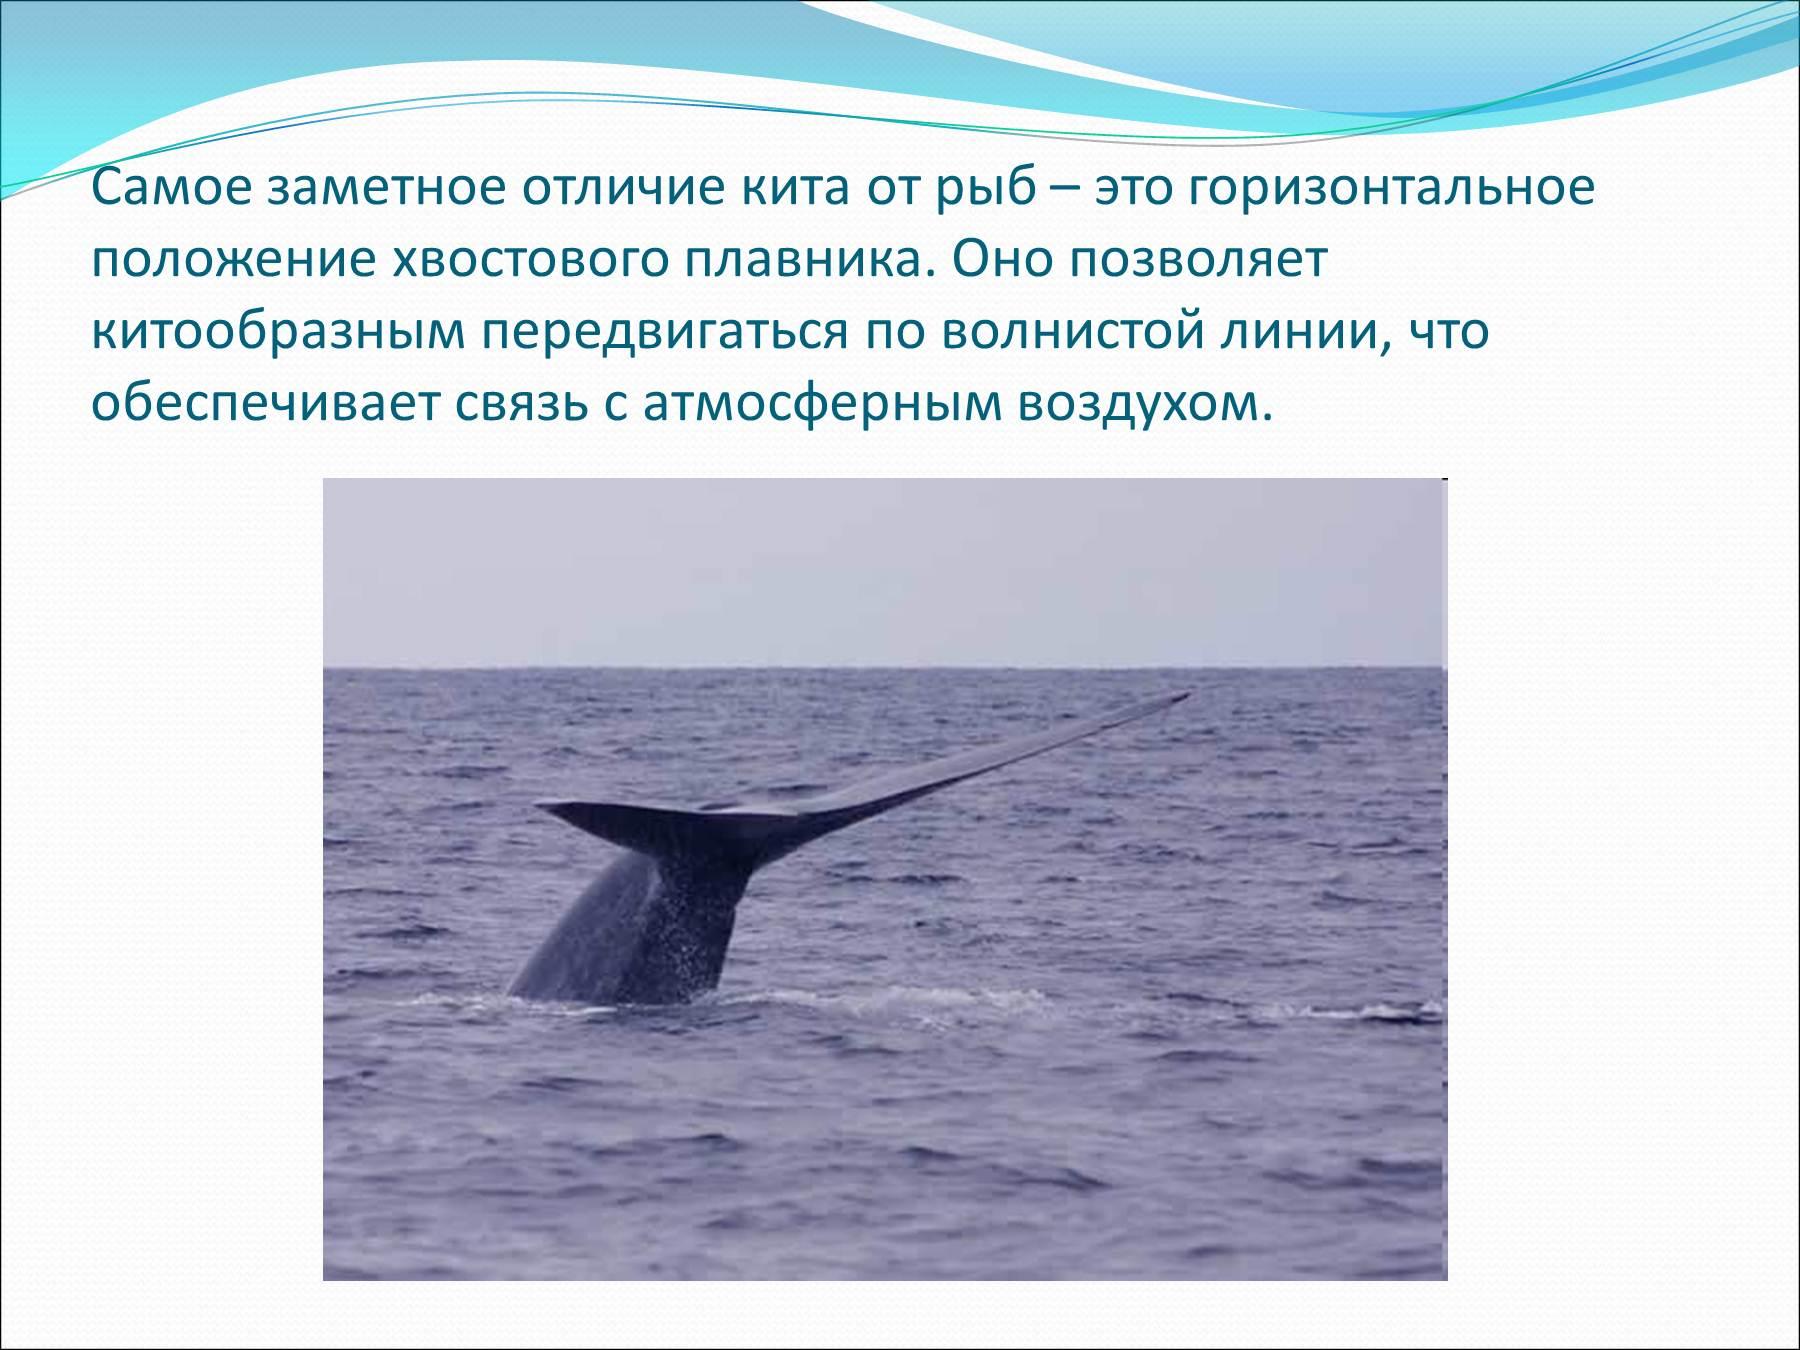 Презентацию на тему китообразные и ластоногие